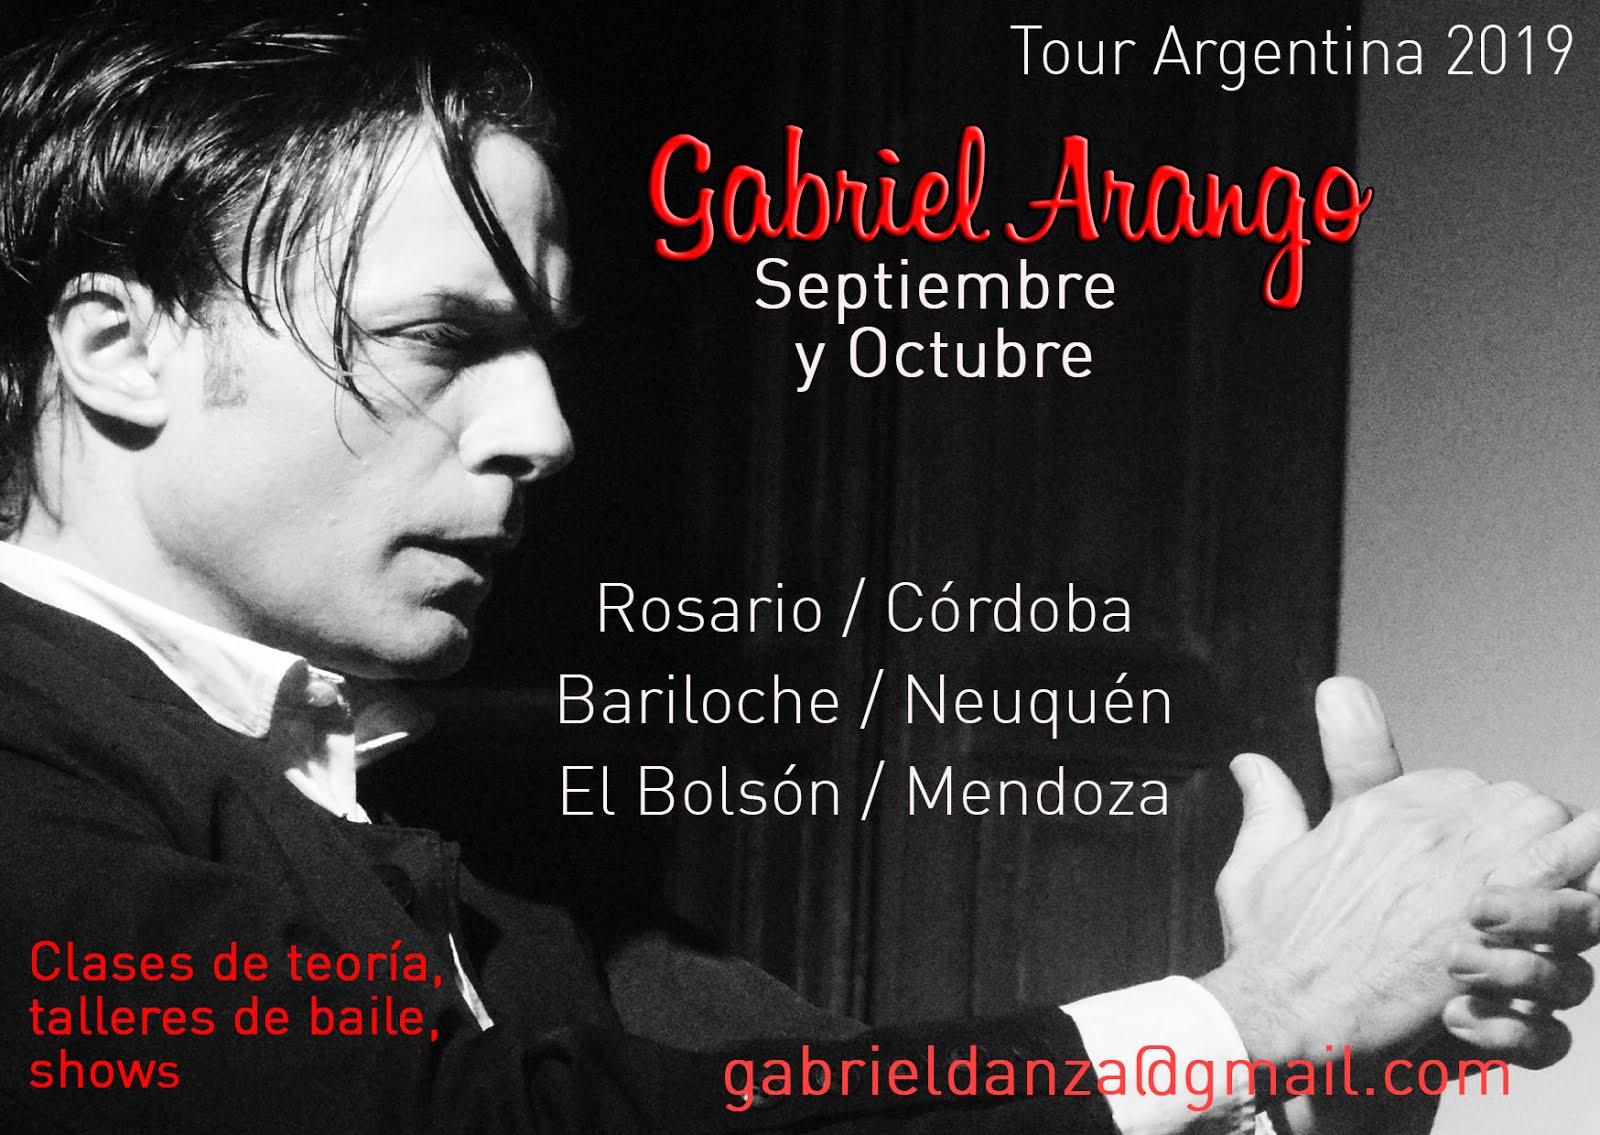 Tour Argentina 2019